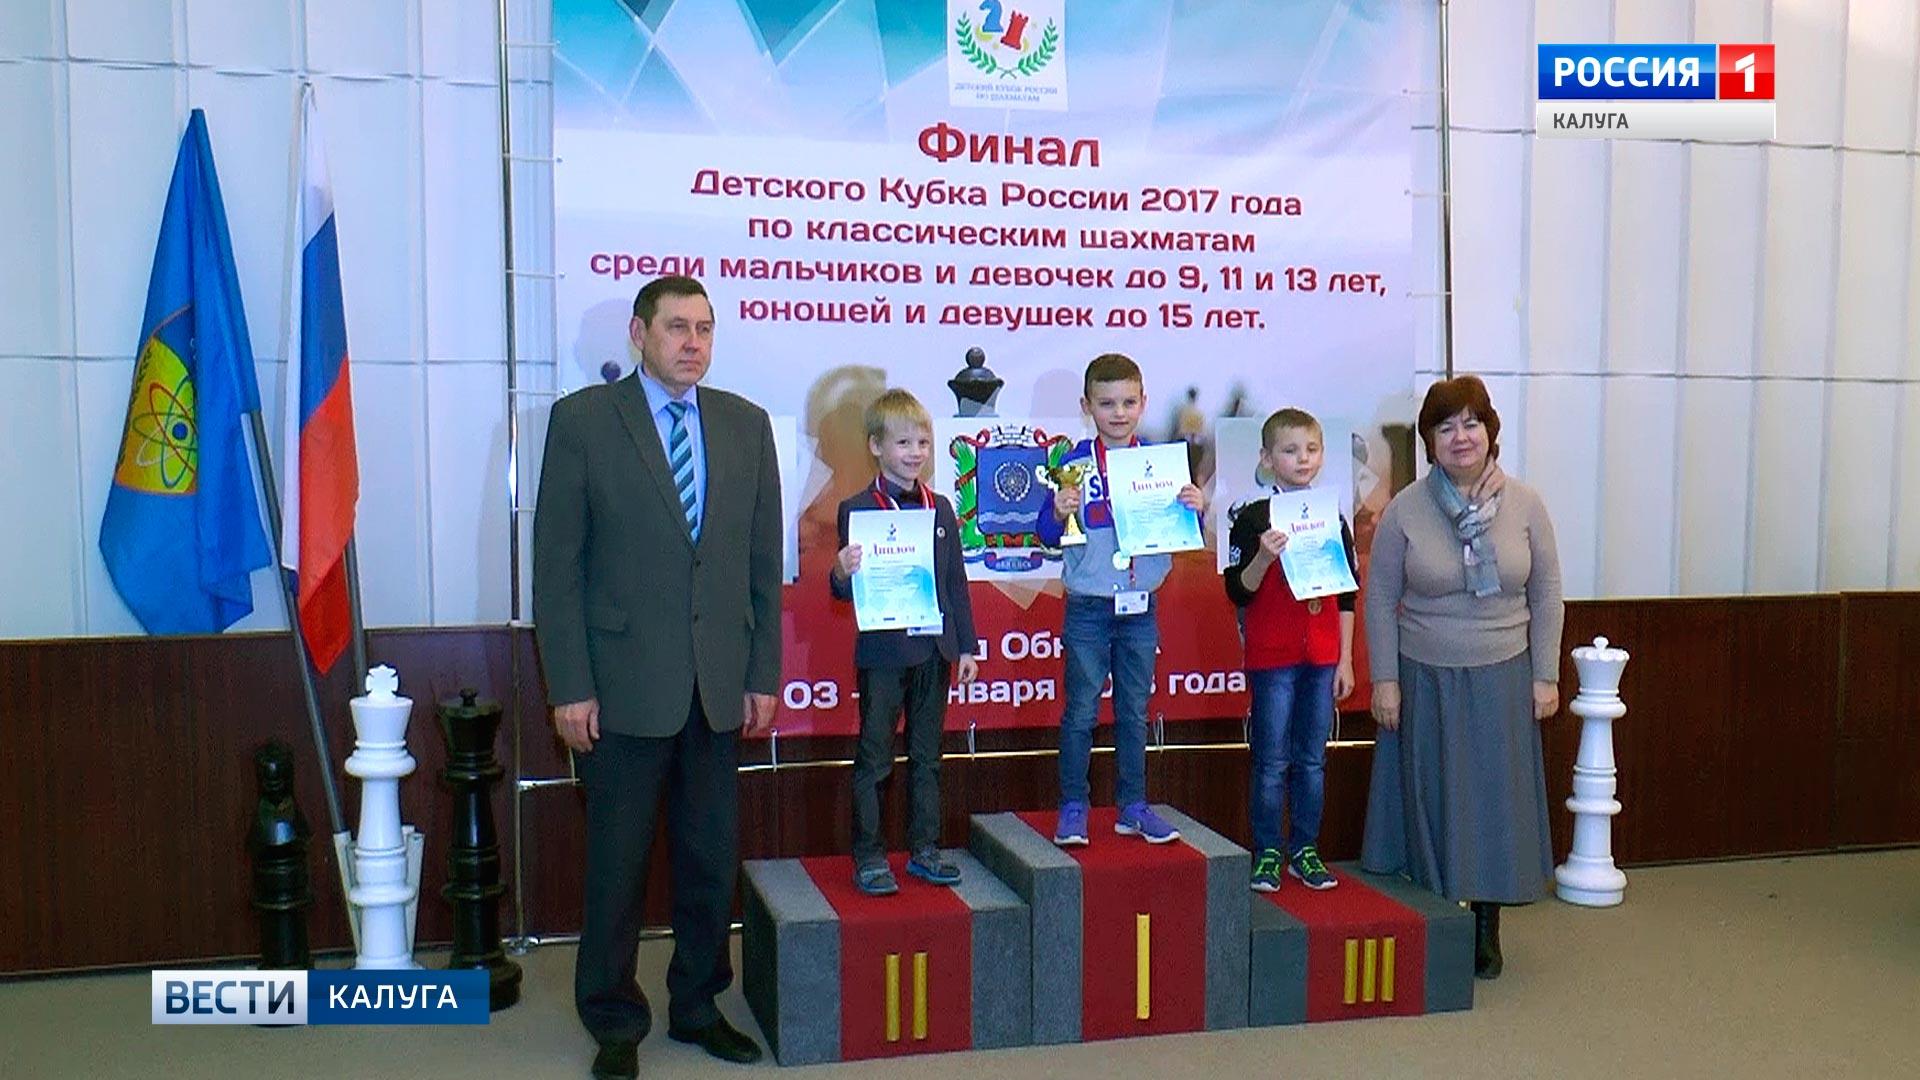 ВОбнинске назвали победителей Кубка РФ  поклассическим шахматам